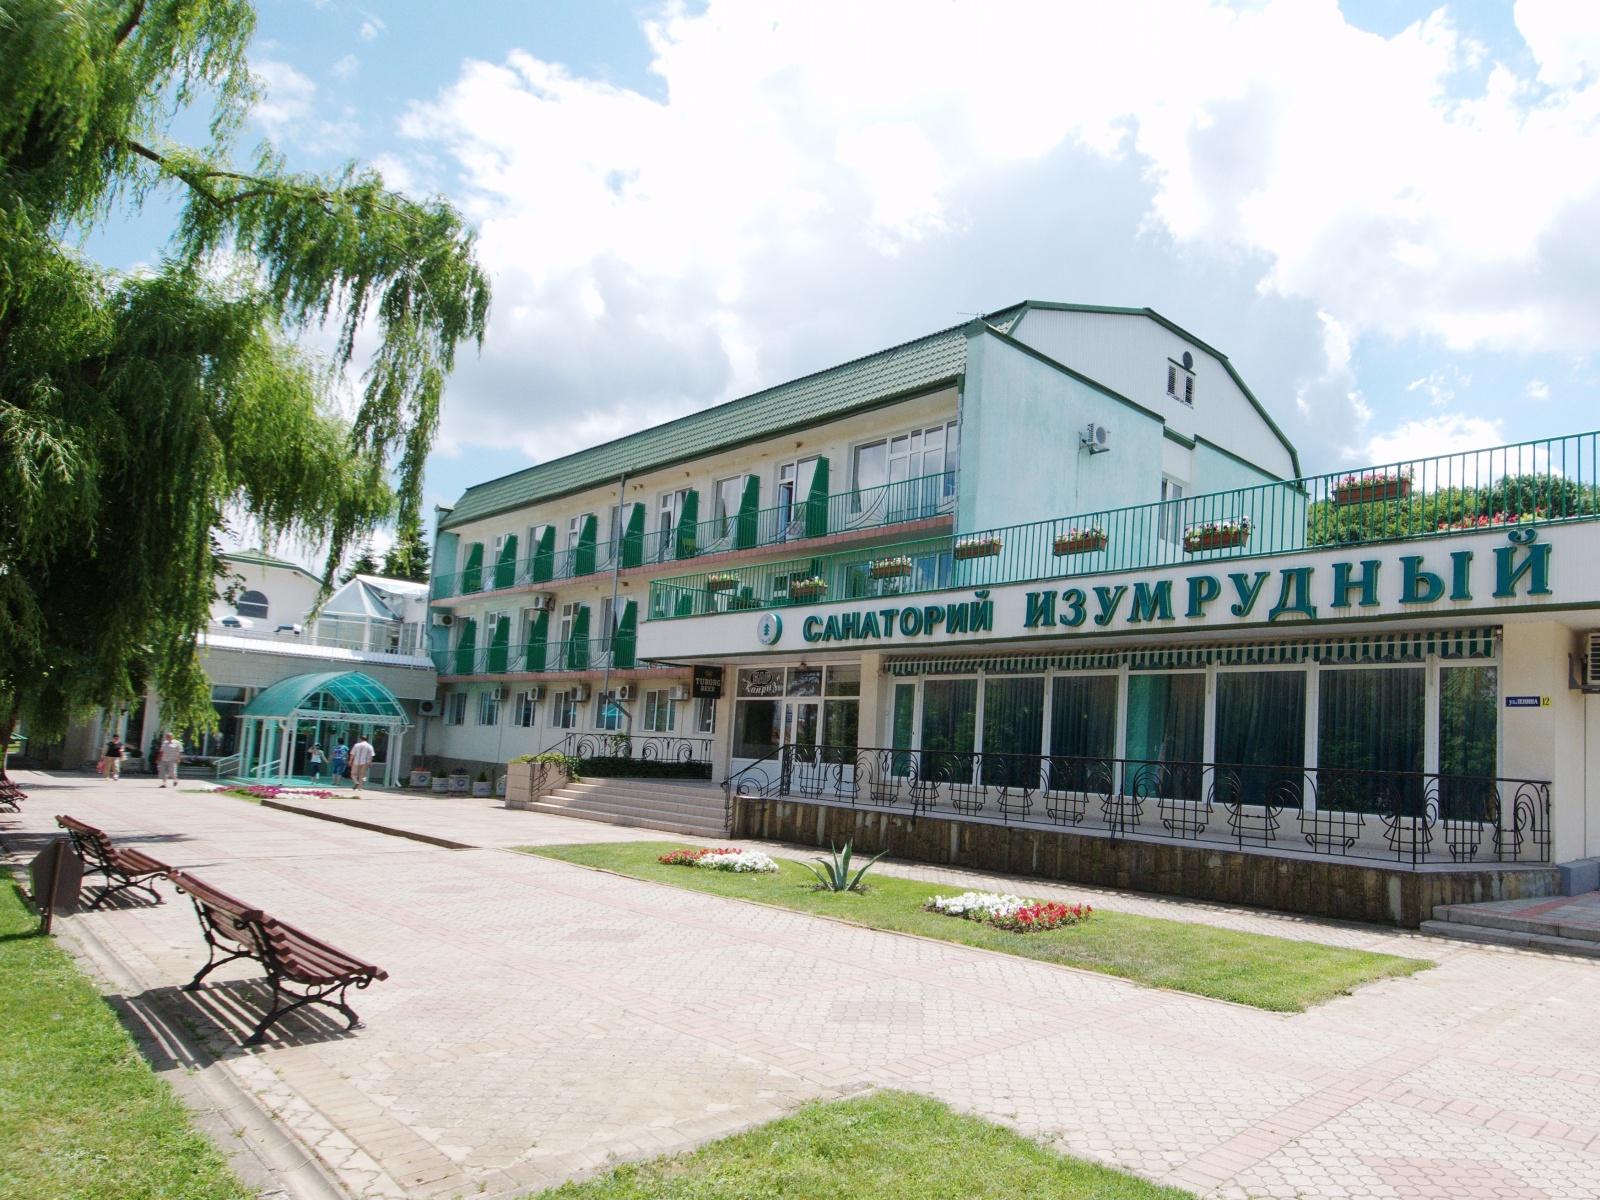 База отдыха Изумрудное: фото и описание, адрес и отзывы туристов